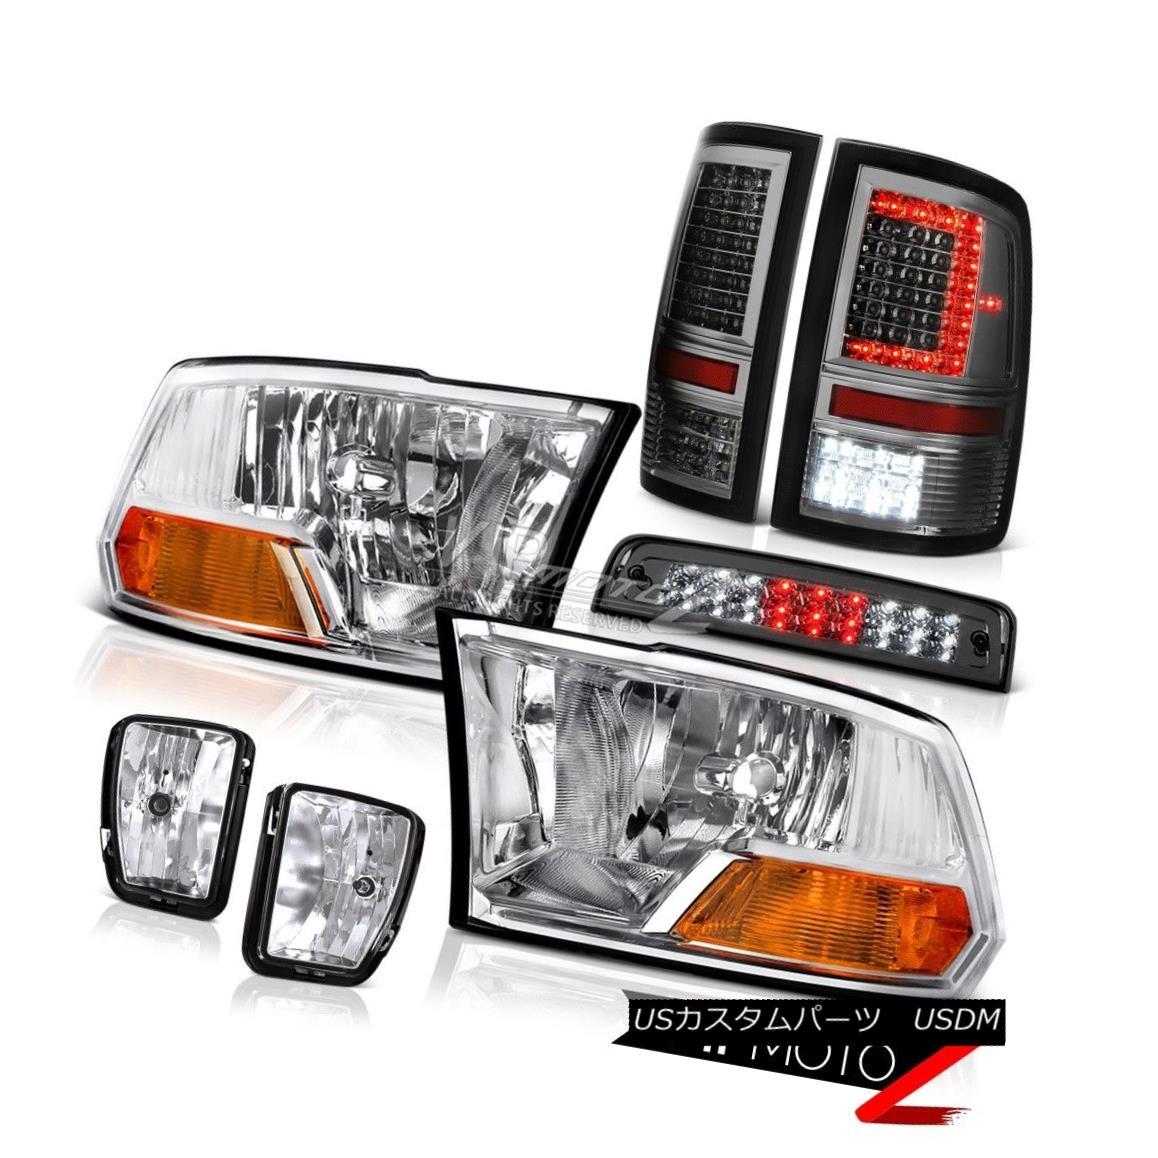 ヘッドライト 13 14 15 16 17 RAM 1500 Tail Lights Third Brake Light Fog Factory Style Headlamp 13 14 15 16 17 RAM 1500テールライト第3ブレーキライトフォ